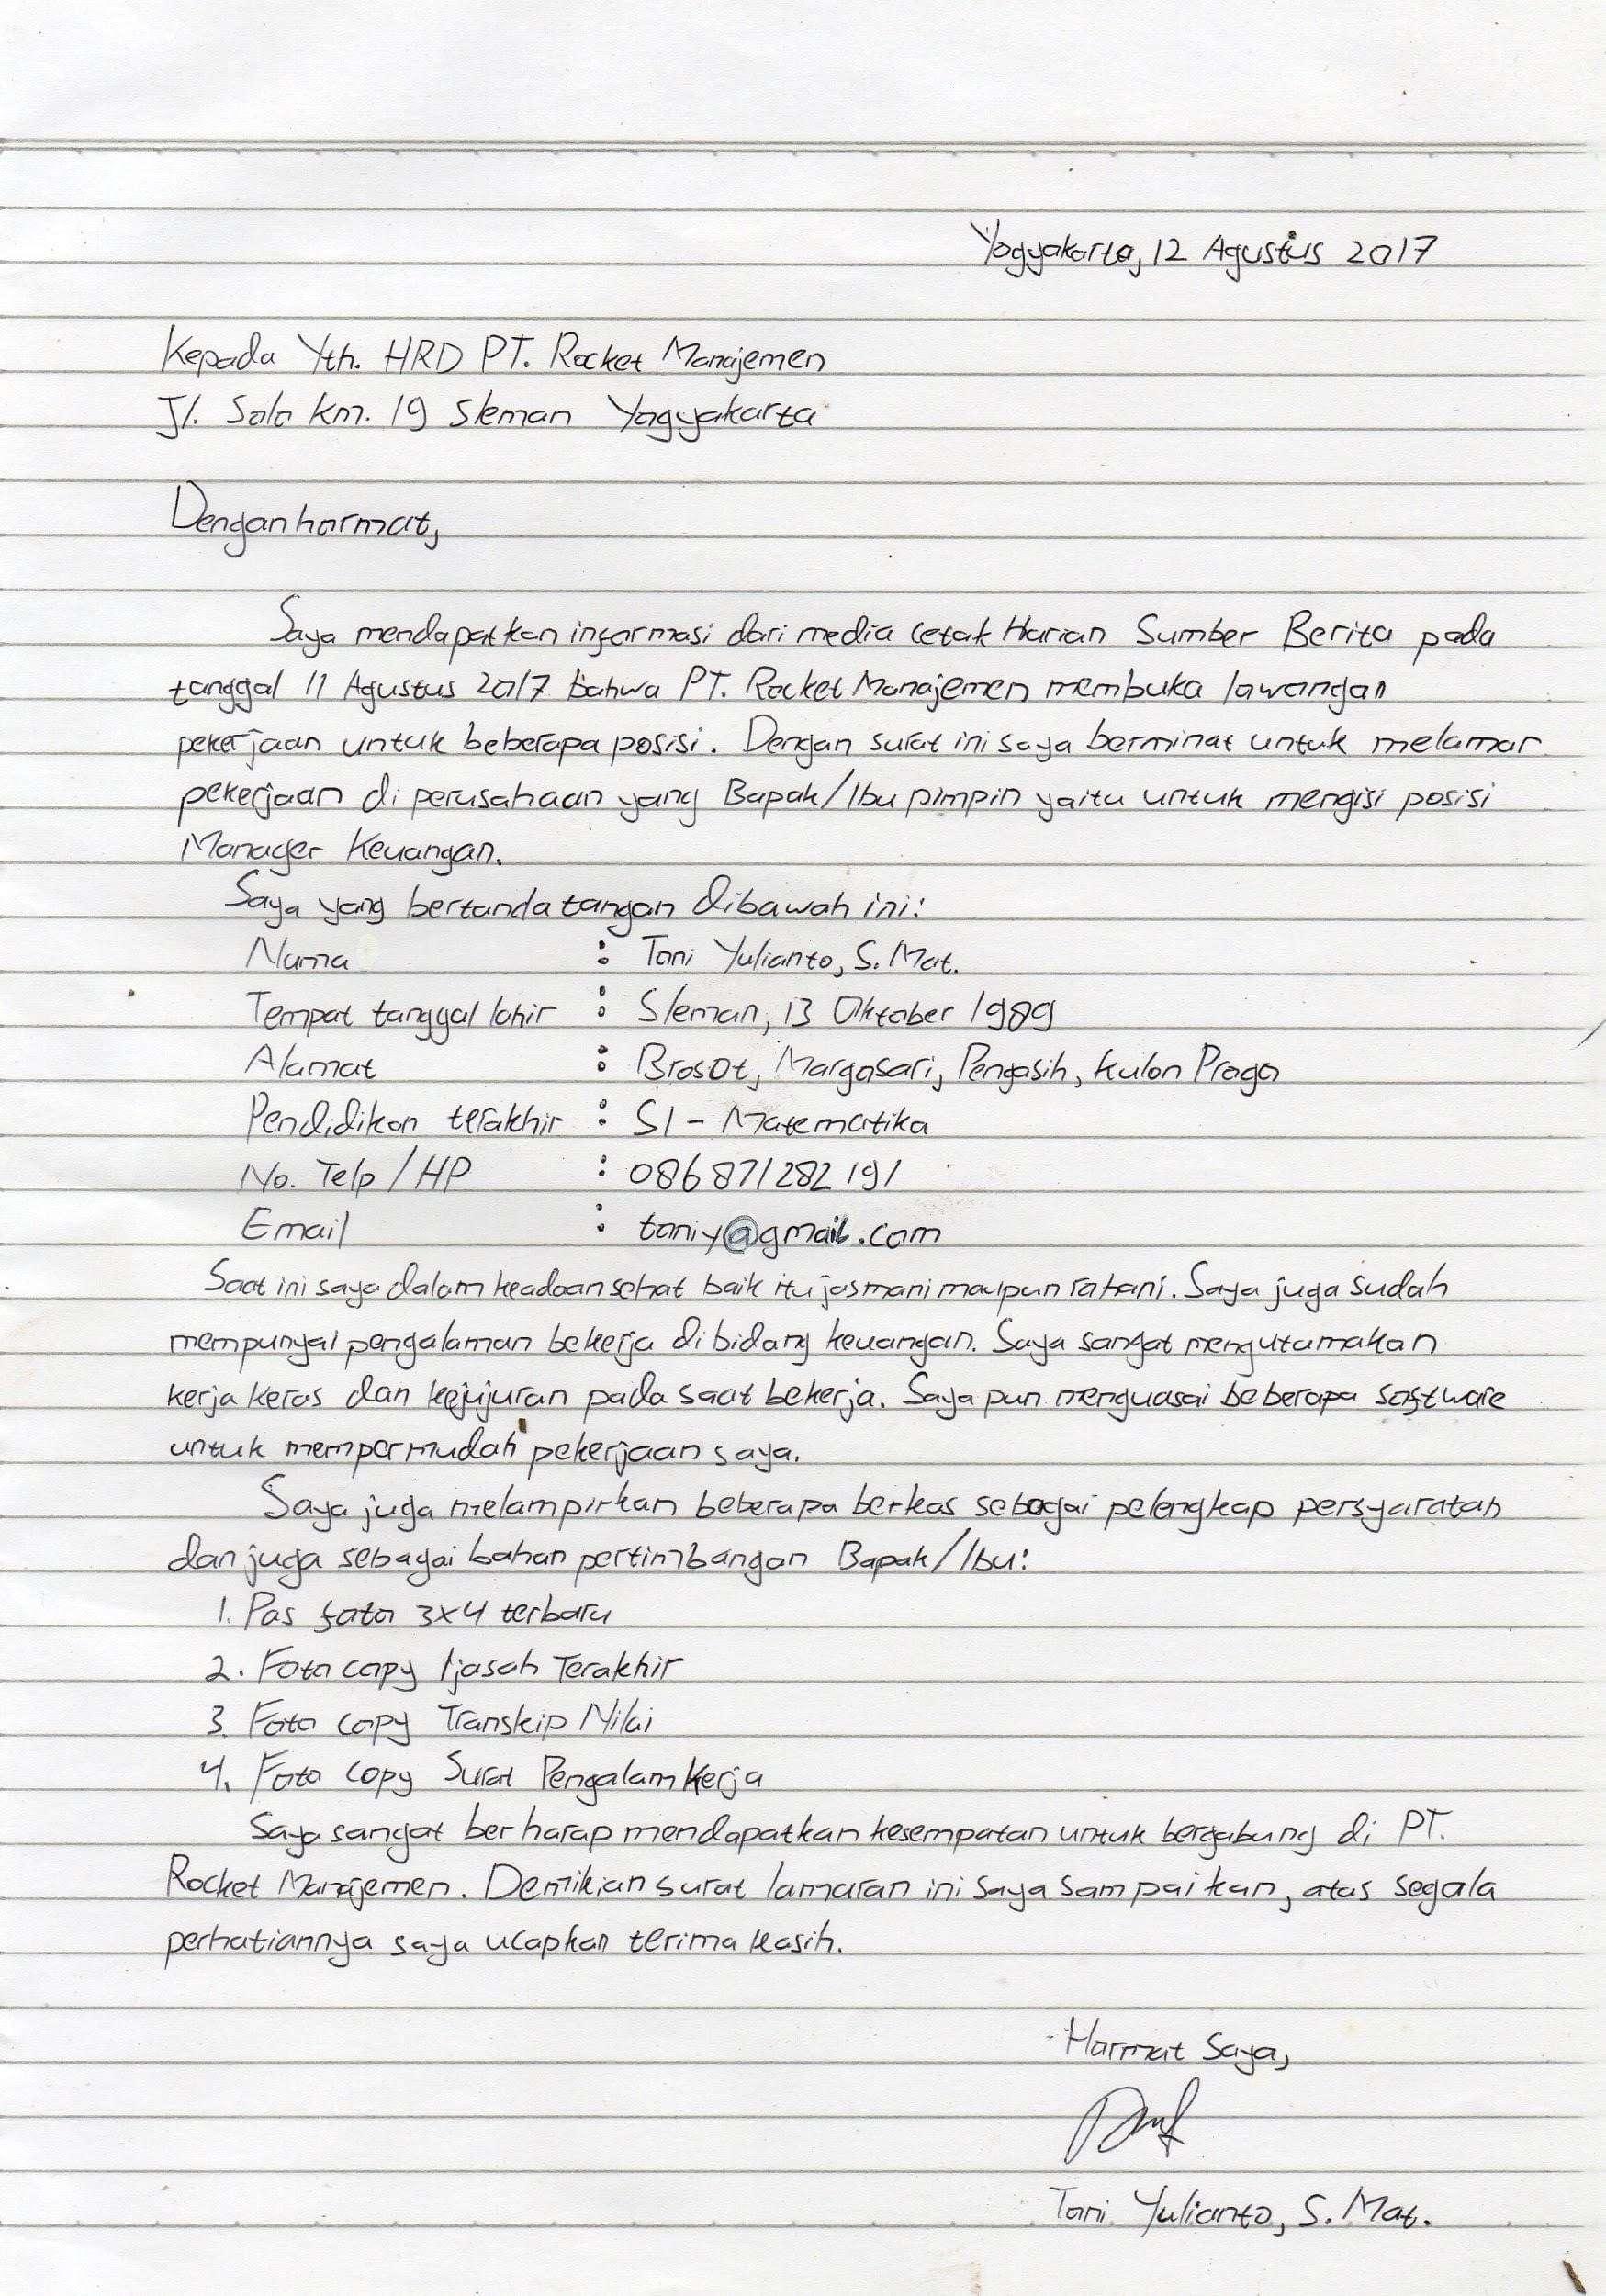 Contoh Surat Lamaran Kerja Tulis Tangan Asli 2